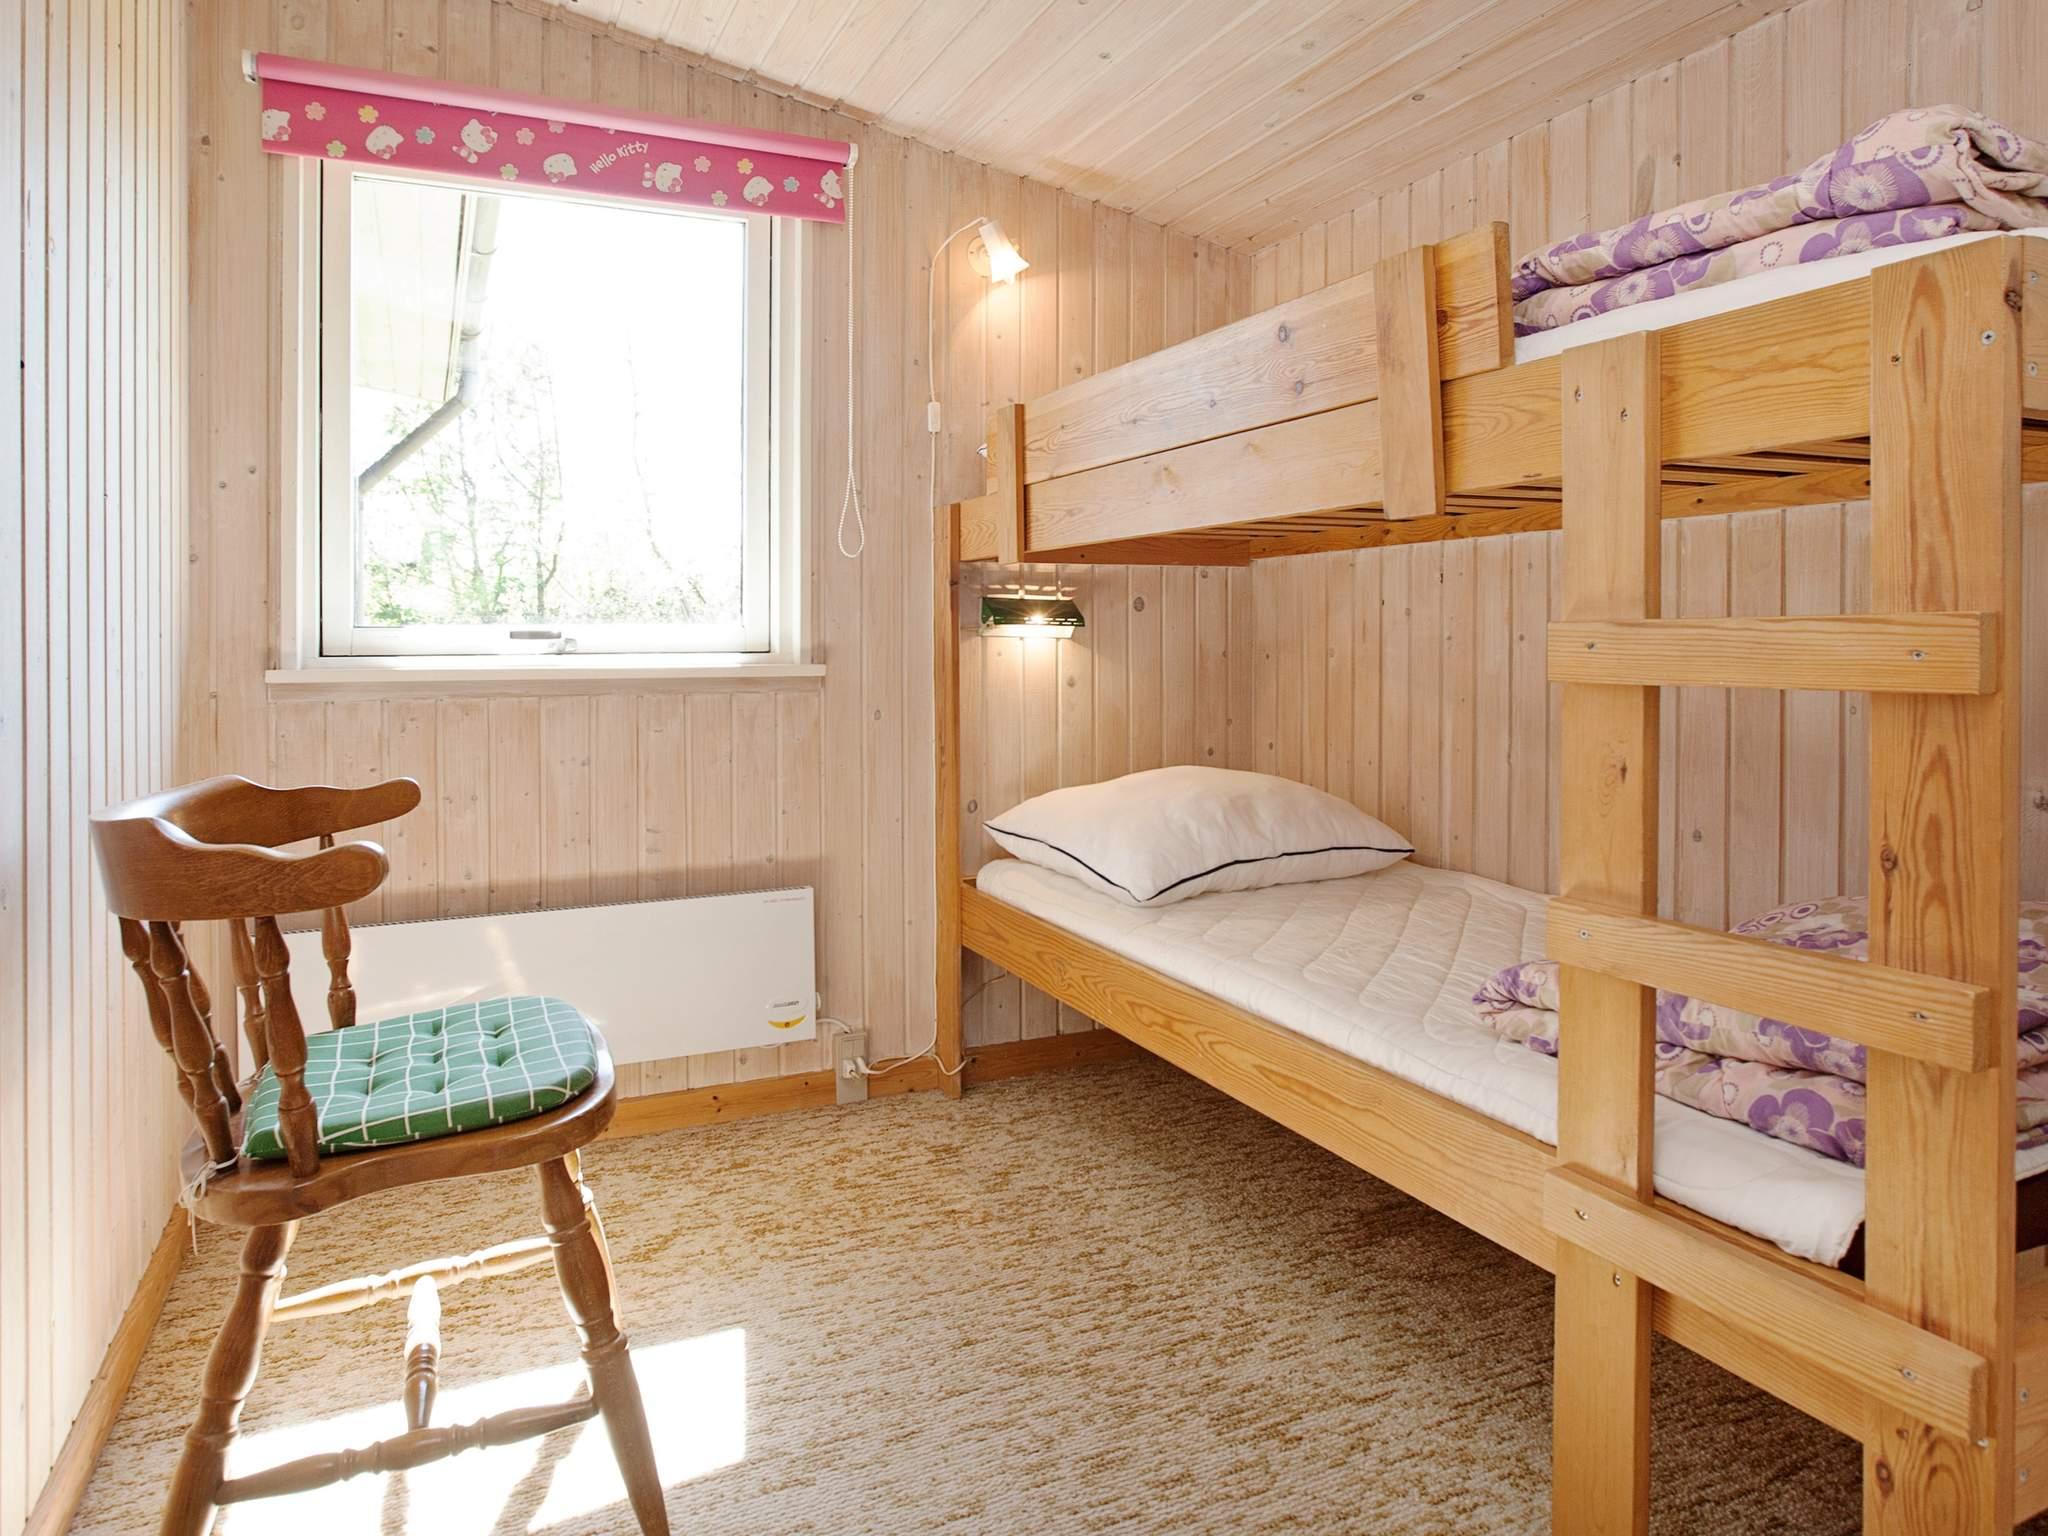 Ferienhaus Hummingen (81995), Hummingen, , Lolland, Dänemark, Bild 11